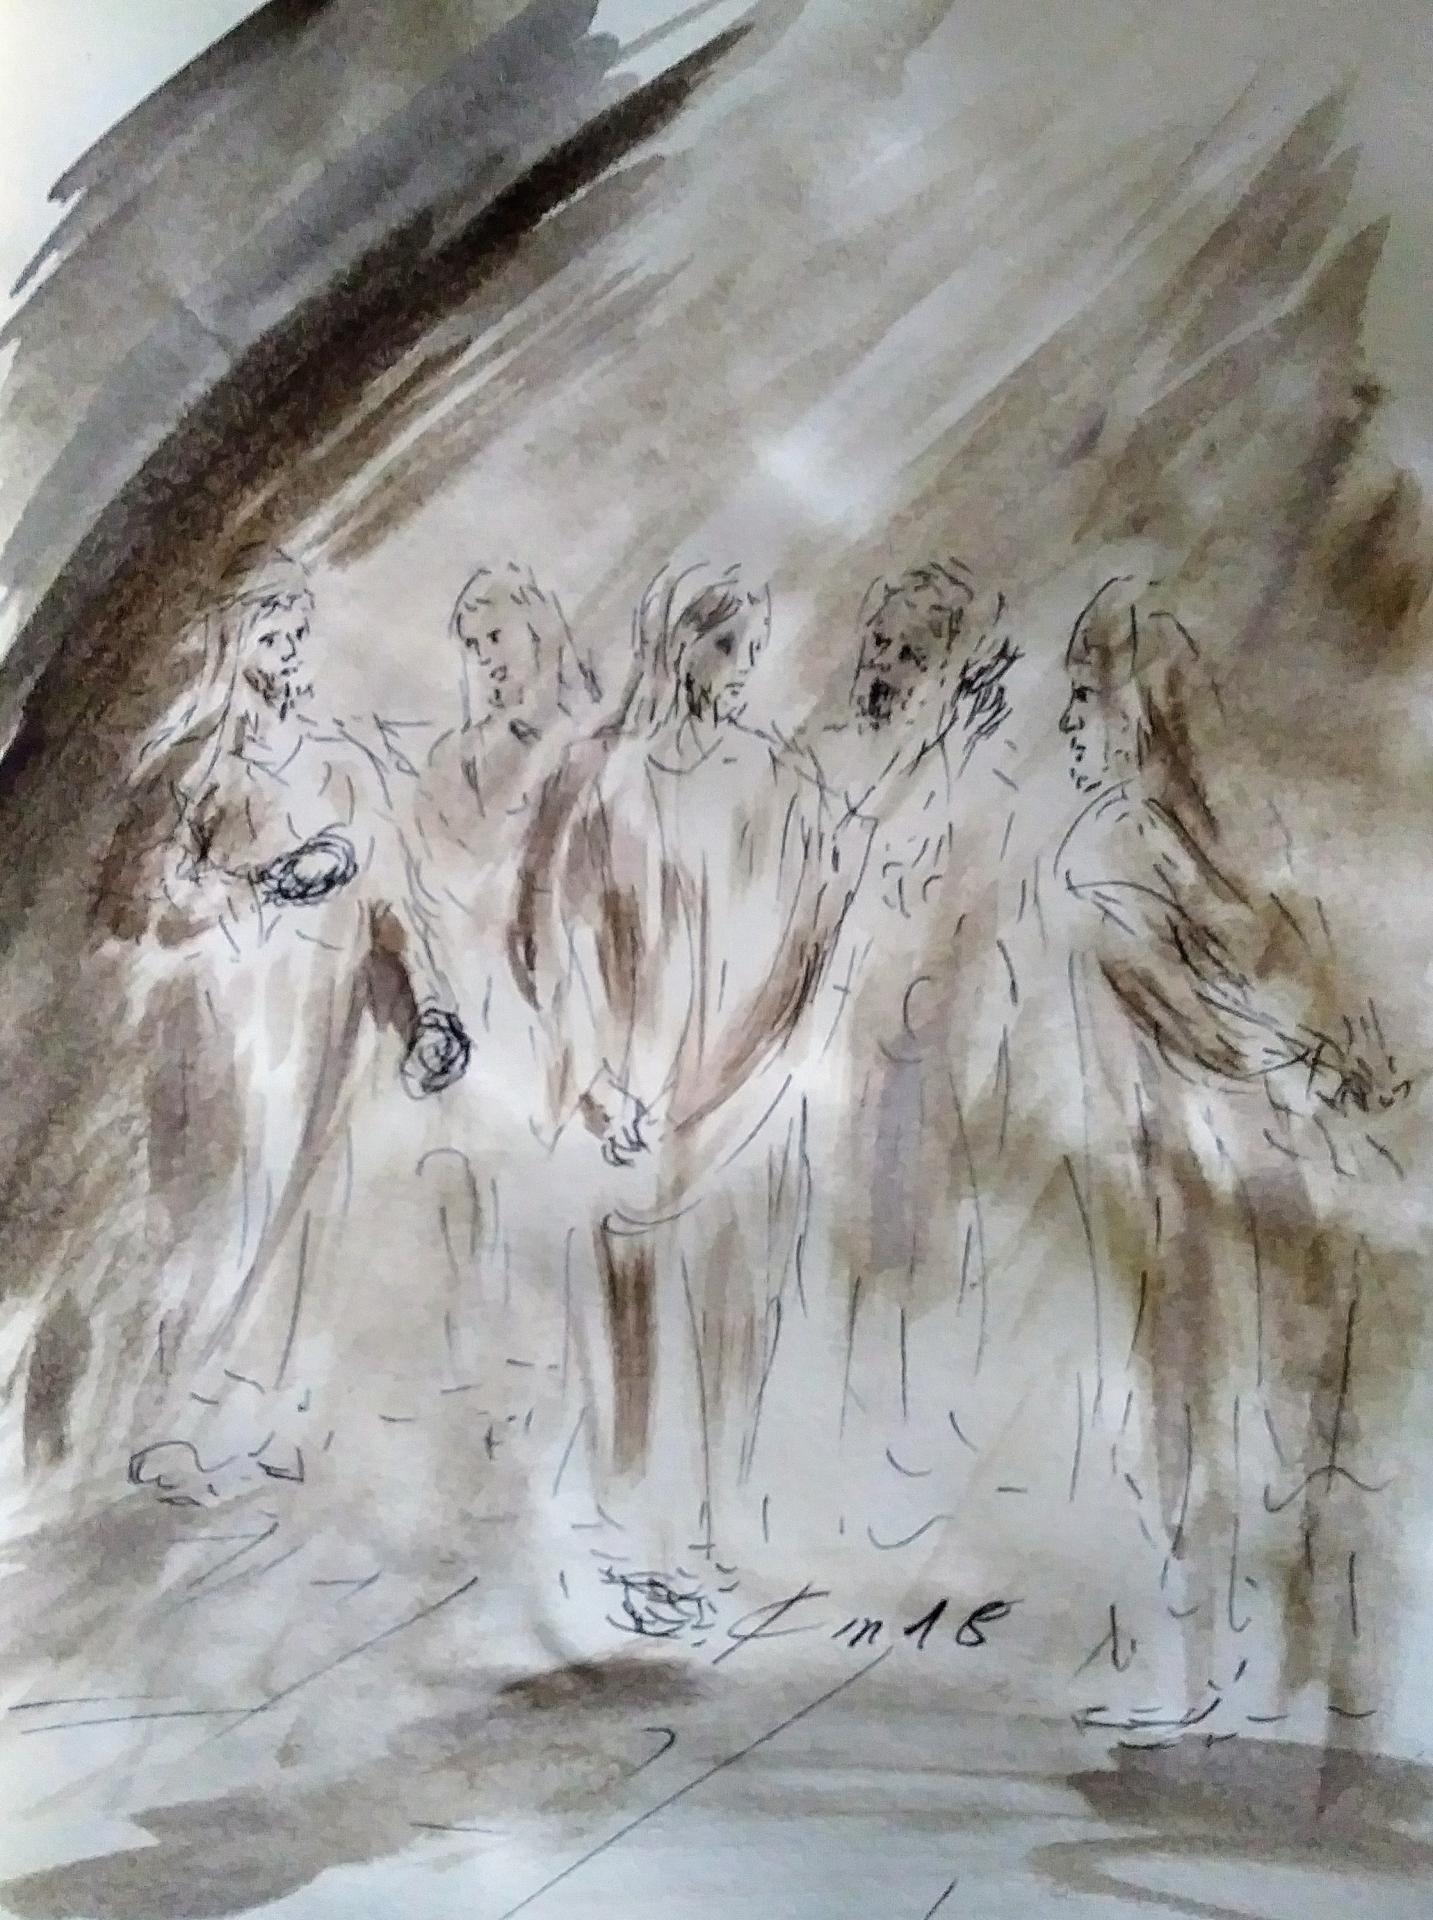 23 Mars, évangile du jour illustré